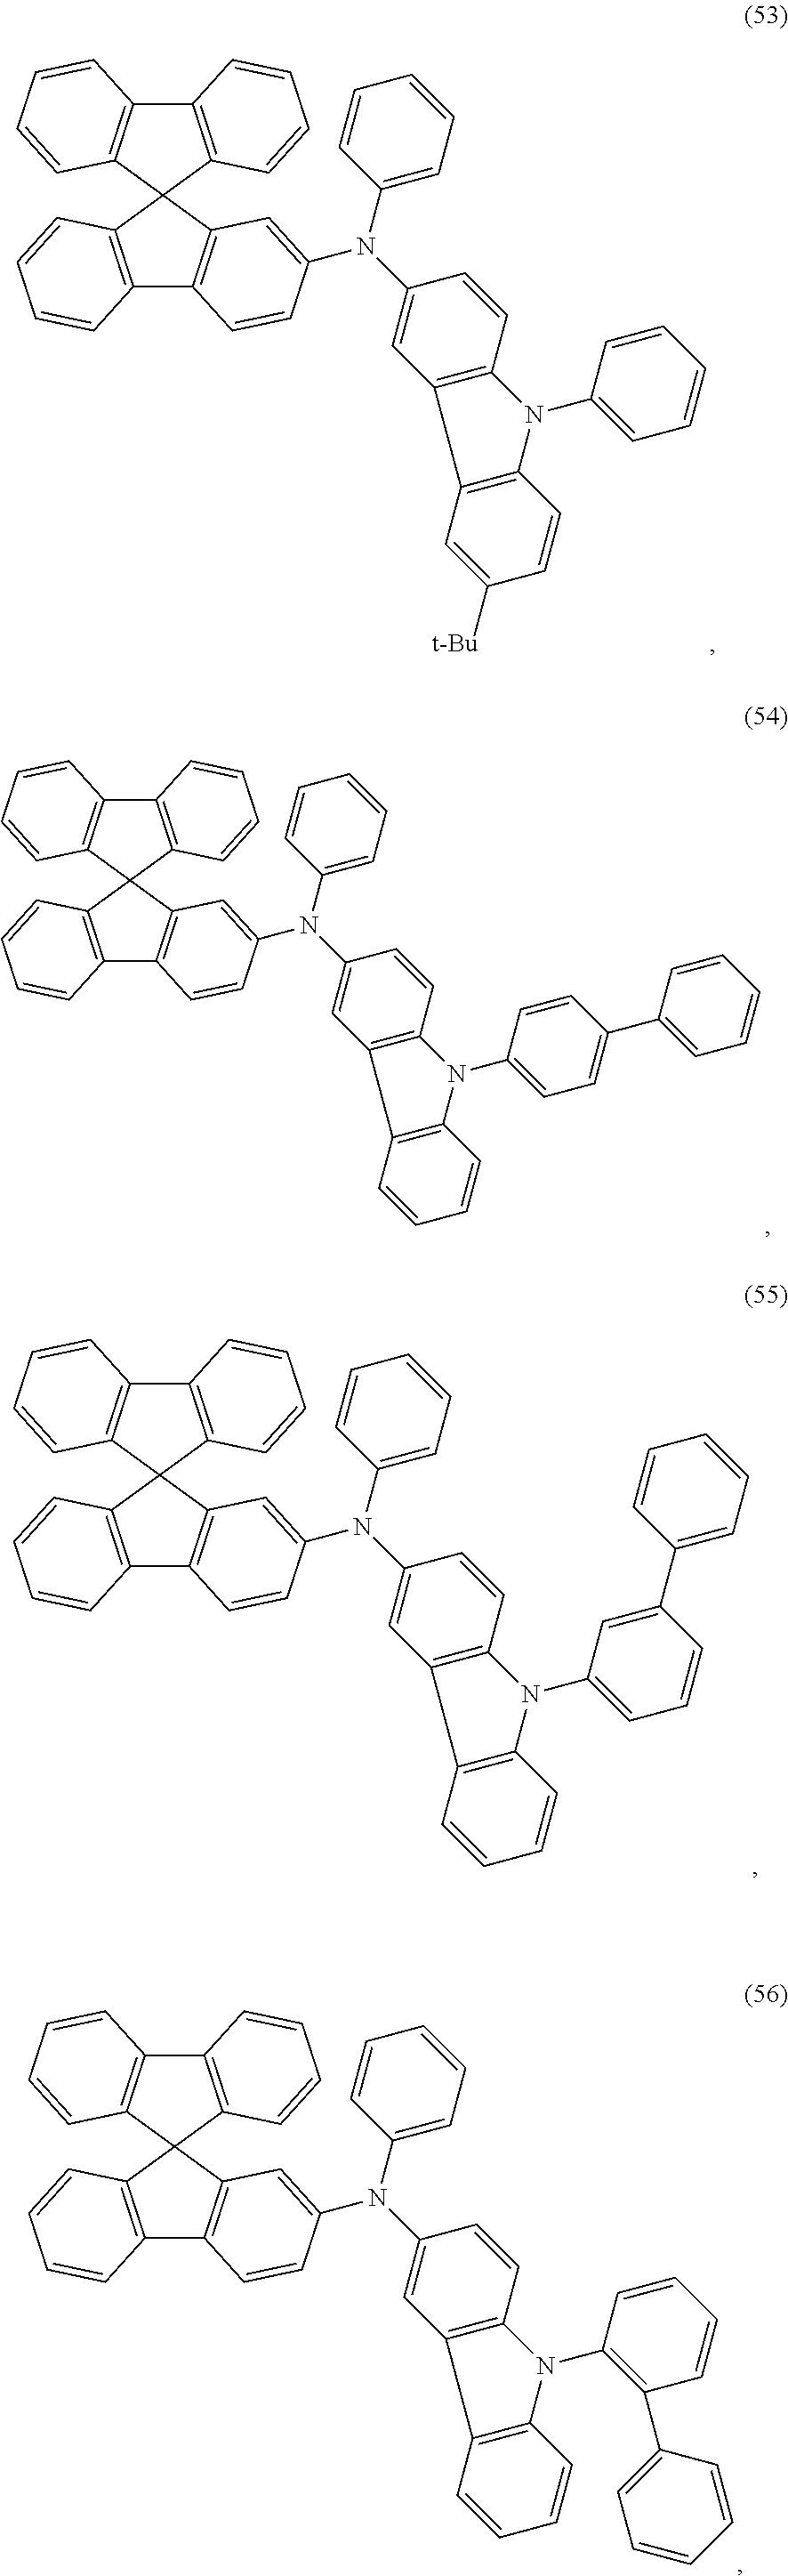 Figure US09548457-20170117-C00056